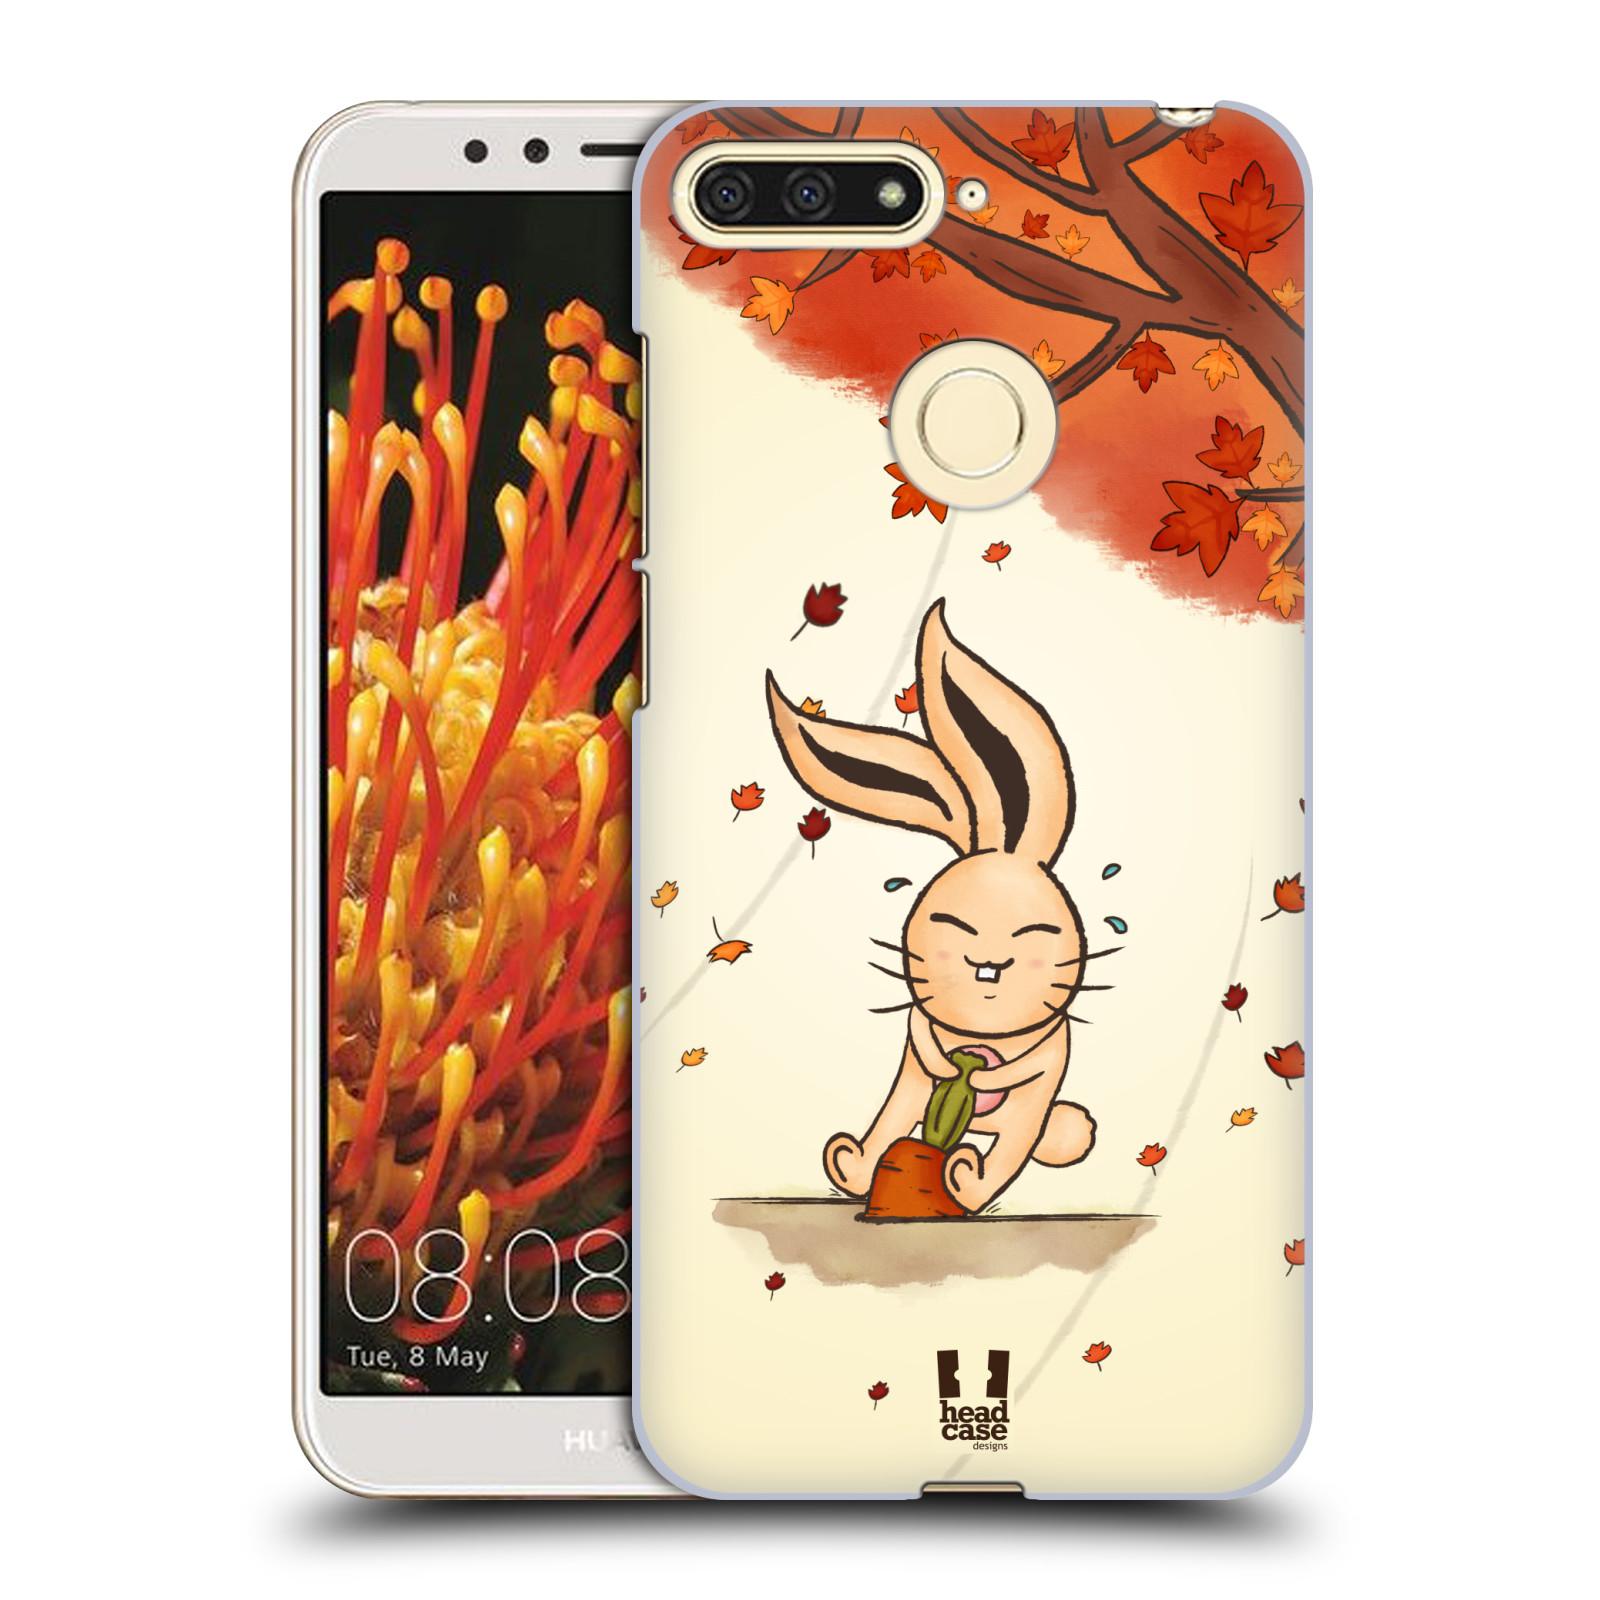 Plastové pouzdro na mobil Huawei Y6 Prime 2018 - Head Case - PODZIMNÍ KRÁLÍK